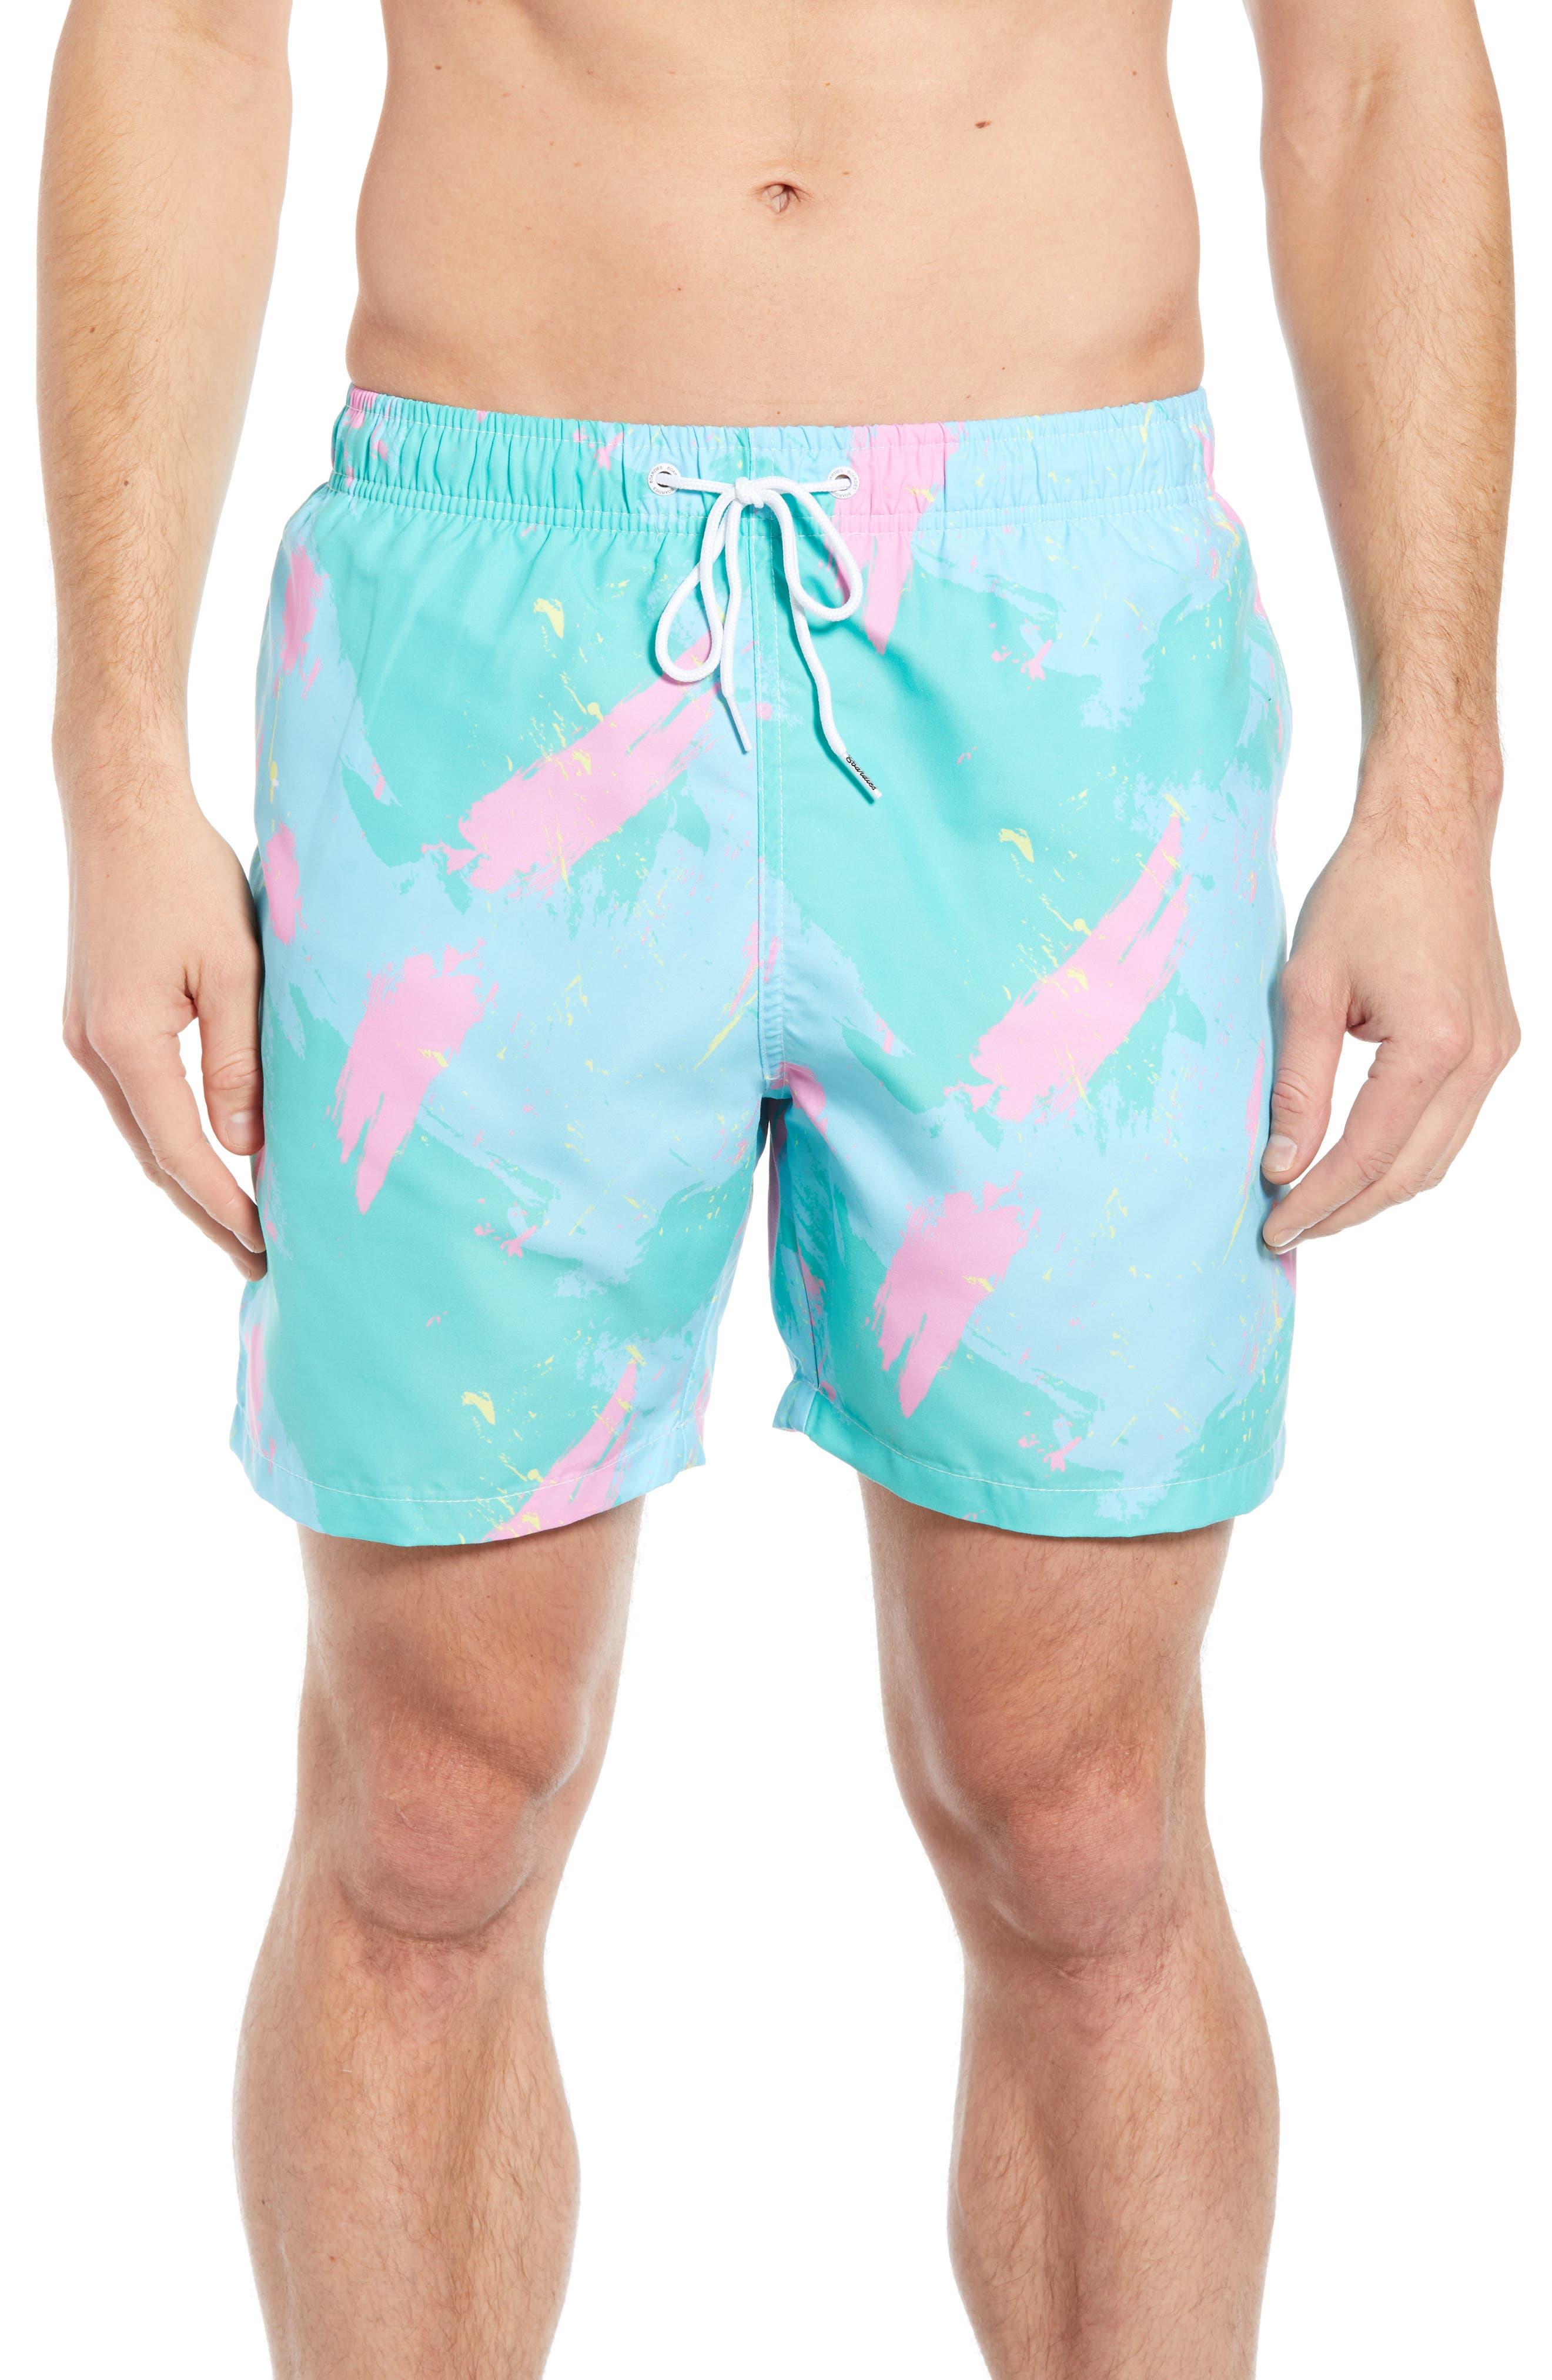 Malibu Swim Trunks,                         Main,                         color, 400